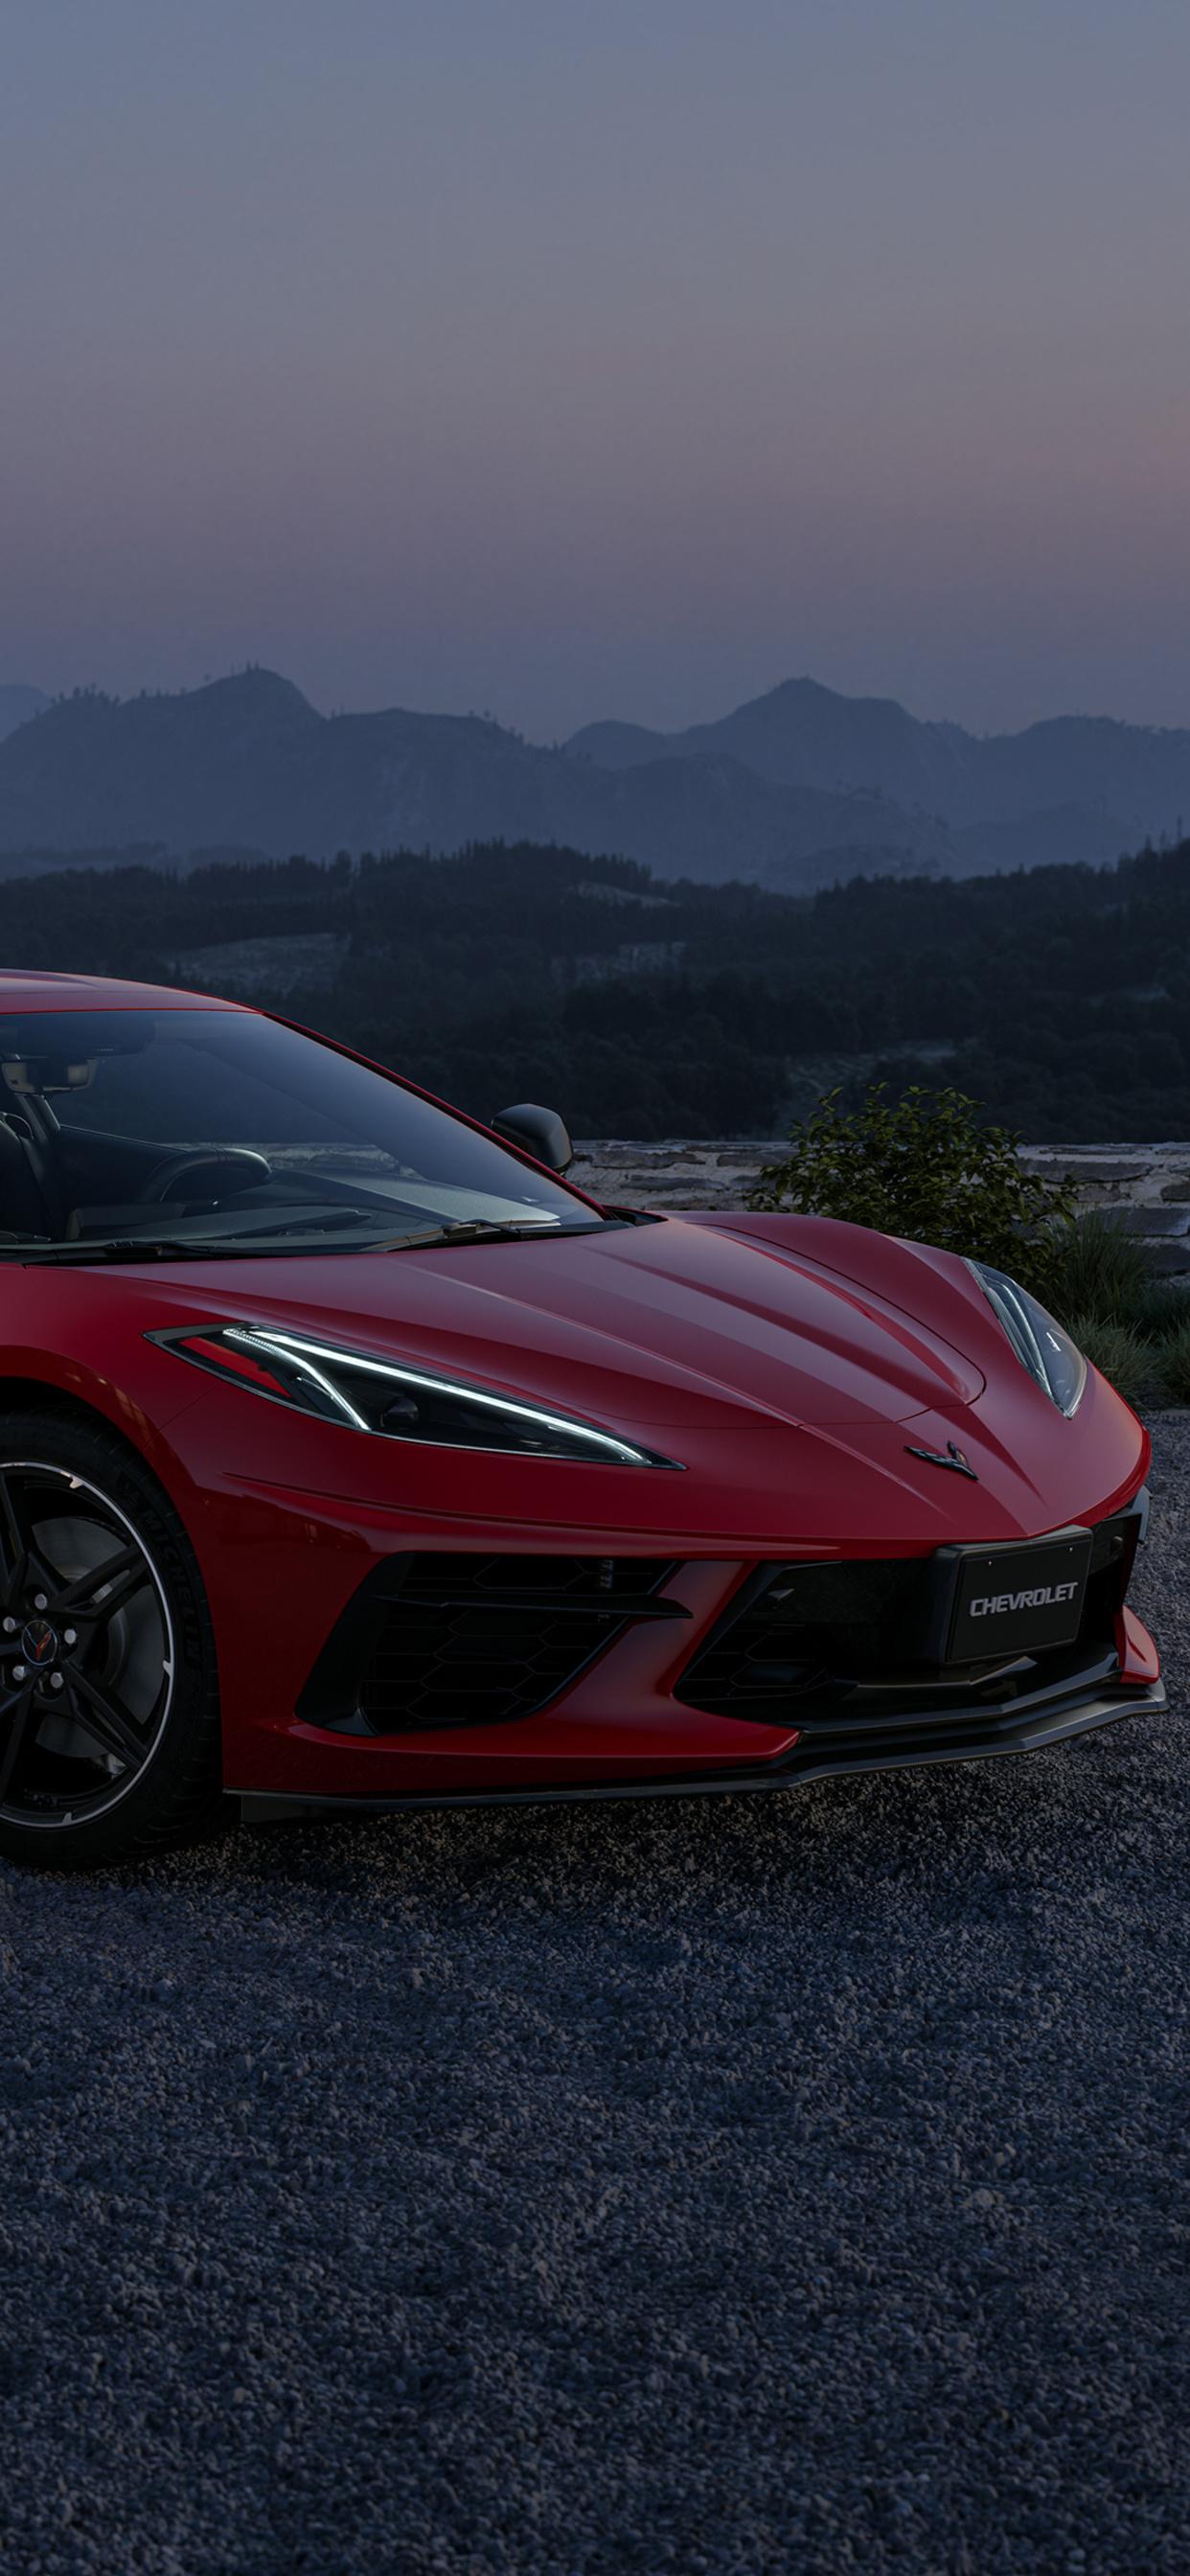 red-chevrolet-corvette-4k-2021-fa.jpg